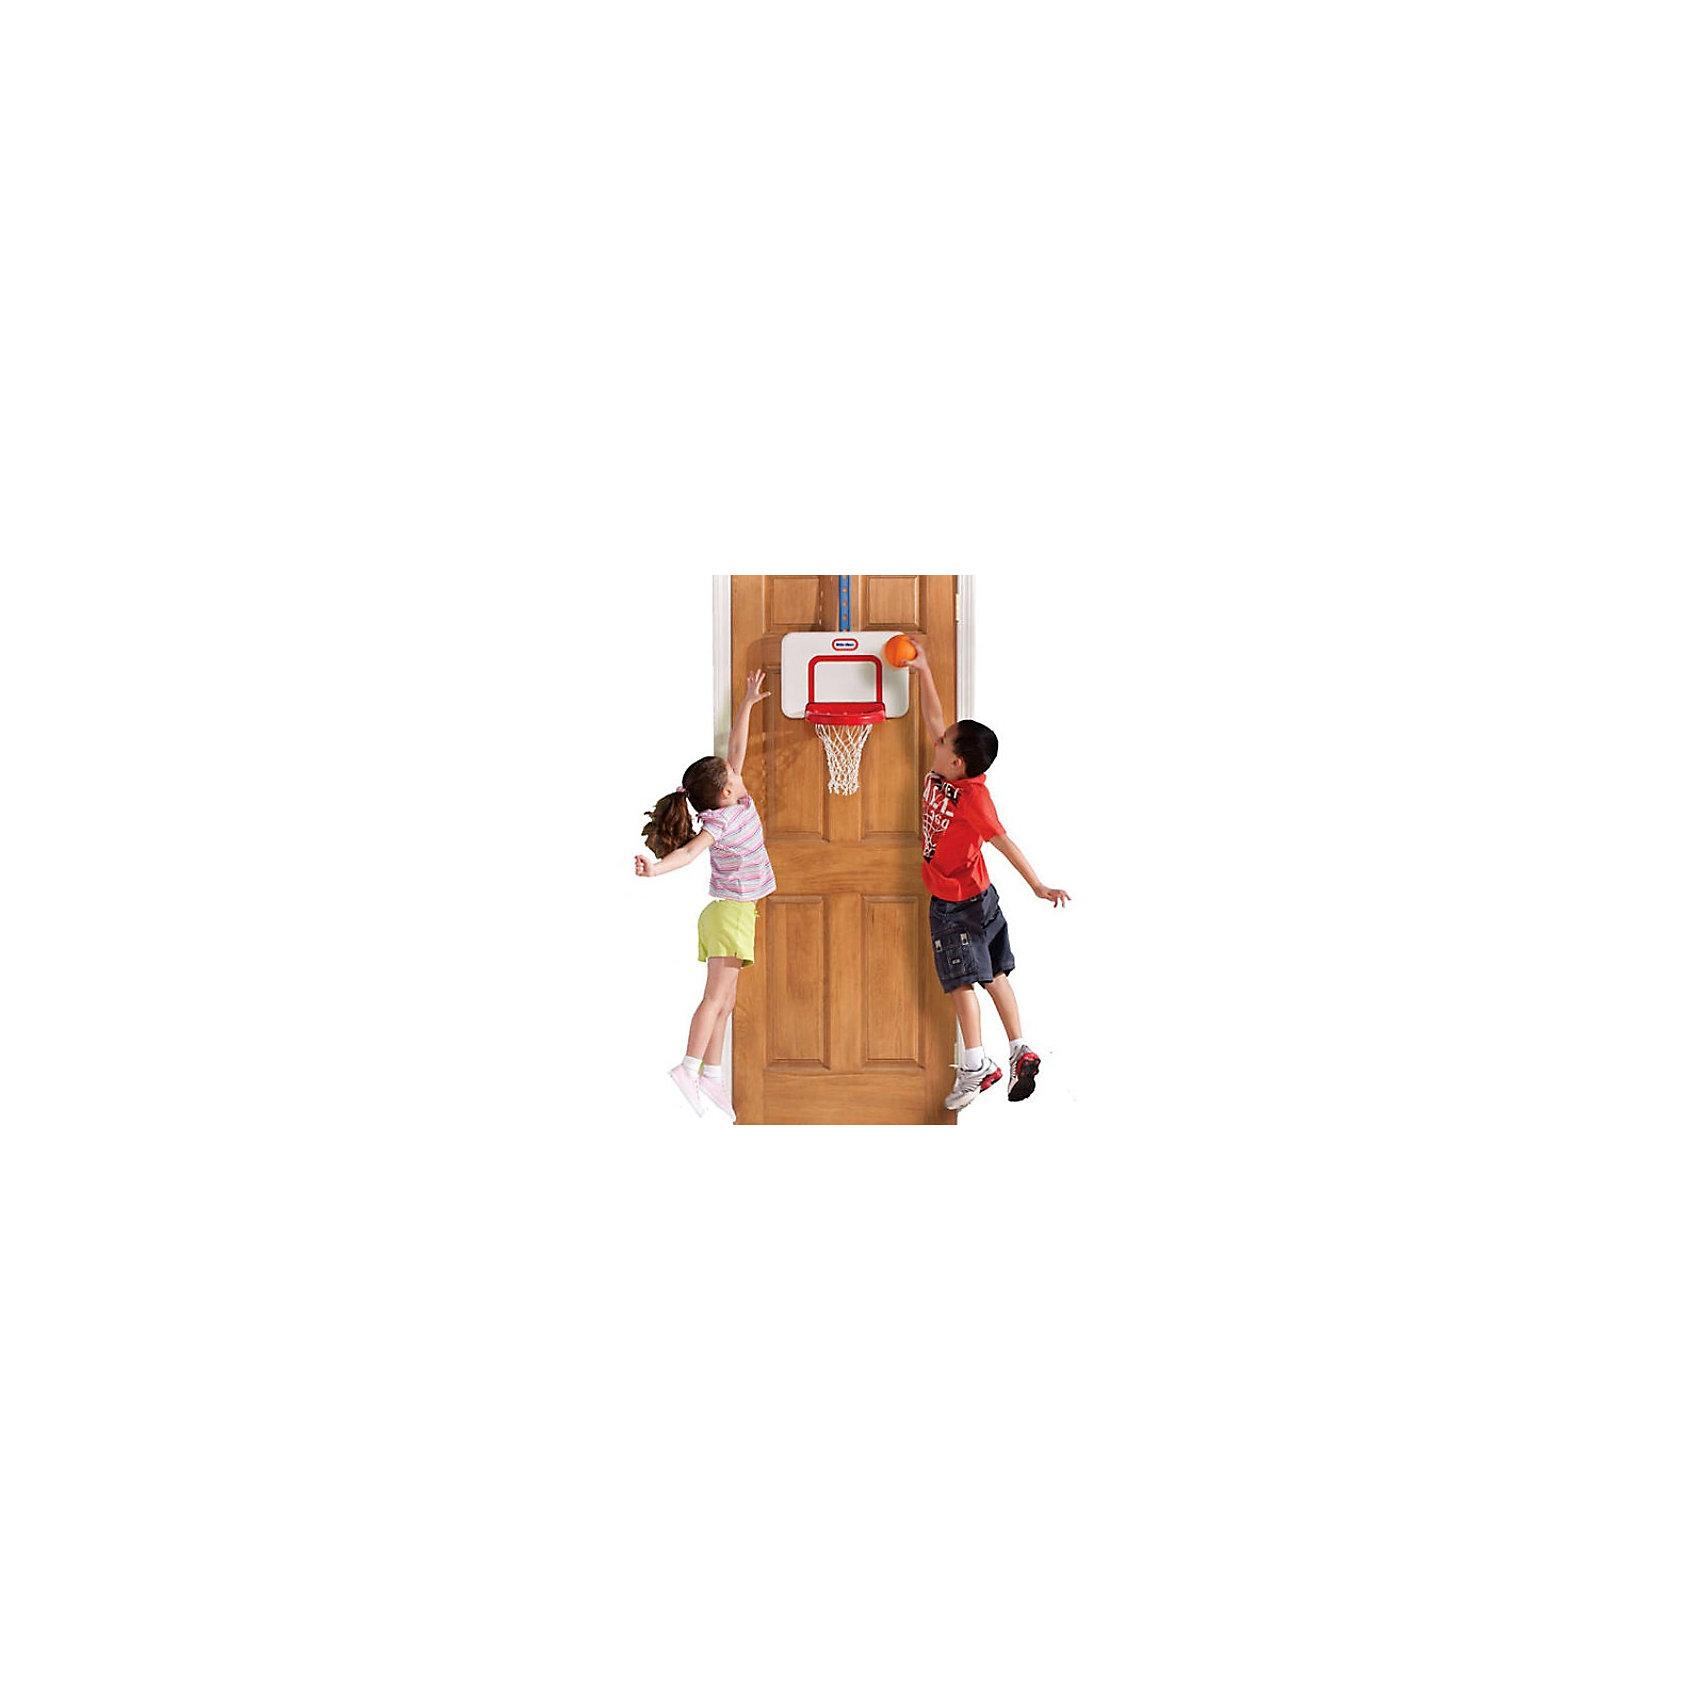 Little Tikes Баскетбольный щитБаскетбольный навесной щит от Little Tikes для активного времяпрепровождения ребенка как дома так и на улице. Баскетбольное кольцо с сеткой, можно с лёгкостью крепить даже на дверь и играть, не выходя из дома.<br>С помощью крепёжной ленты можно установить щит на любую высоту, в зависимости от роста ребенка. Щит легко устанавливается, можно сразу начинать веселую игру, кольцо возвращается в исходное положение после удара по нему мячом.<br><br>В комплекте: щит с корзиной, мяч и крепежная лента.<br><br>Дополнительная информация:<br><br>-Материал: пластик<br>-Размеры игрушки: 42 x 135 x 26 см.<br>-Размер упаковки: 29 х 12 х 46 см.<br>-Вес с упаковкой:1,5 кг.<br><br>Игровой набор способствует развитию ловкости и координации Вашего ребенка.<br> <br>Купить баскетбольный щит от Little Tikes можно в нашем магазине.<br><br>Ширина мм: 120<br>Глубина мм: 460<br>Высота мм: 300<br>Вес г: 1500<br>Возраст от месяцев: 24<br>Возраст до месяцев: 1188<br>Пол: Мужской<br>Возраст: Детский<br>SKU: 2445963